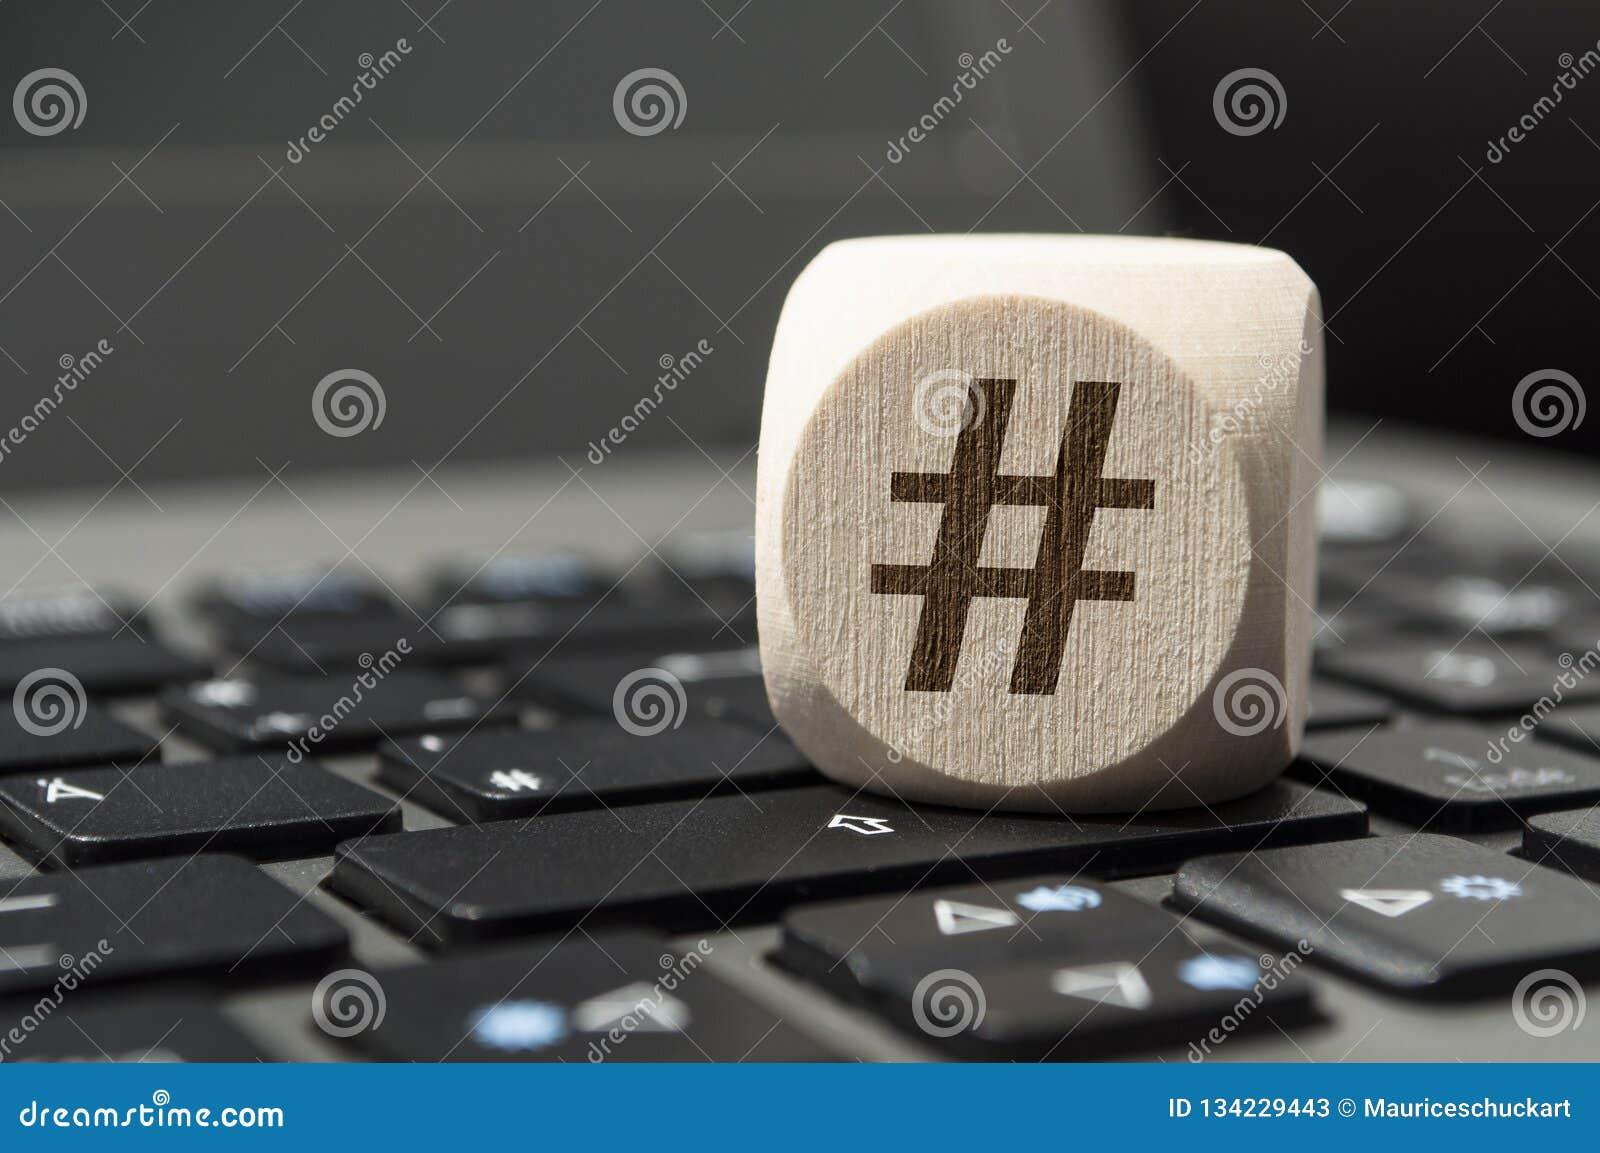 El cubo corta en cuadritos con el símbolo de Hashtag en un teclado